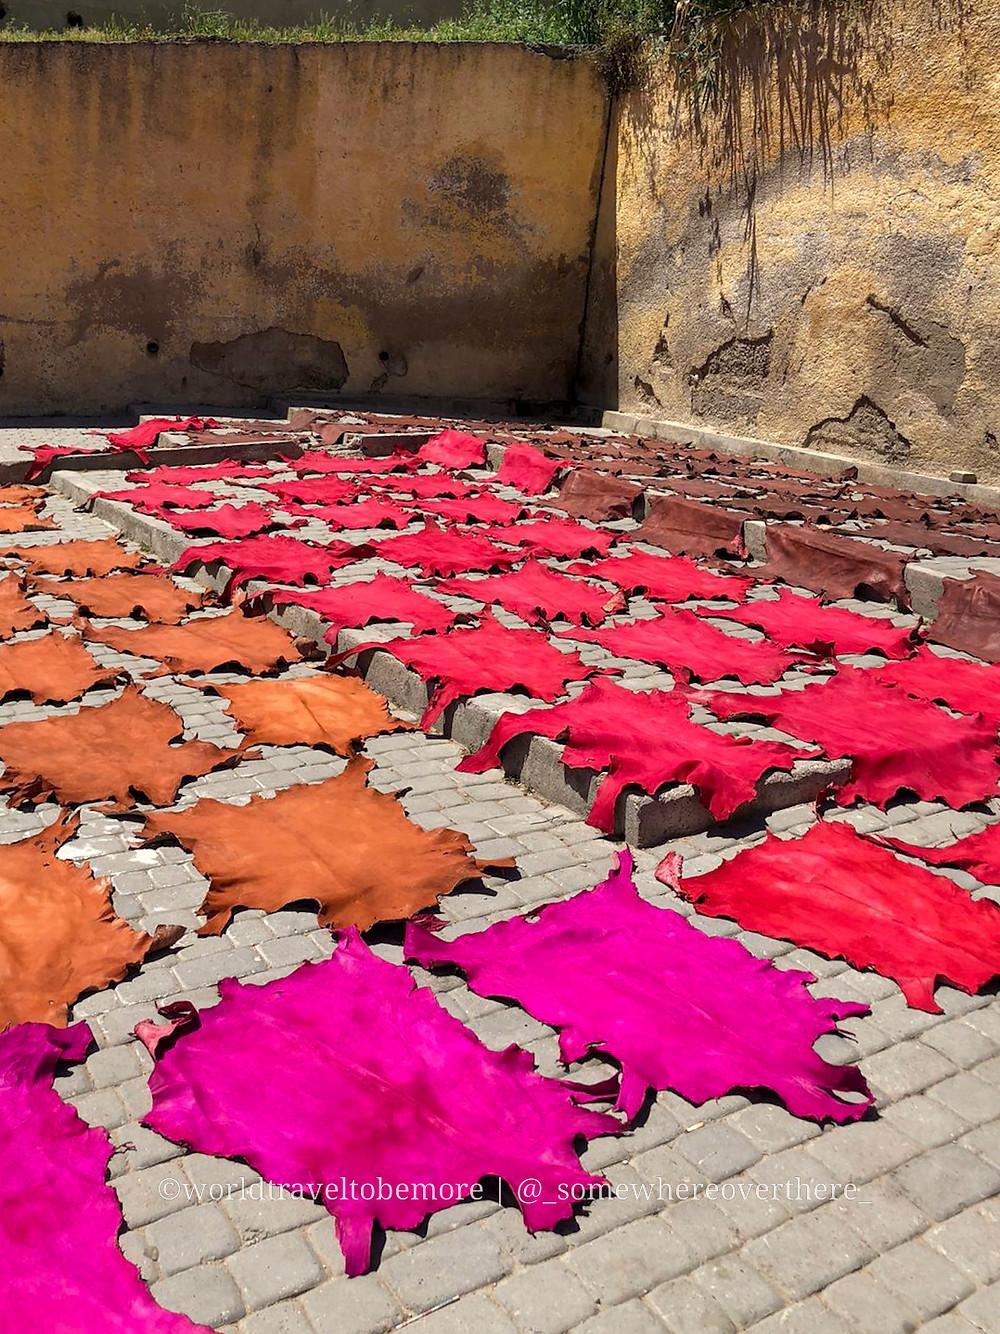 Pelli colorate nelle concerie di Fes, Marocco.